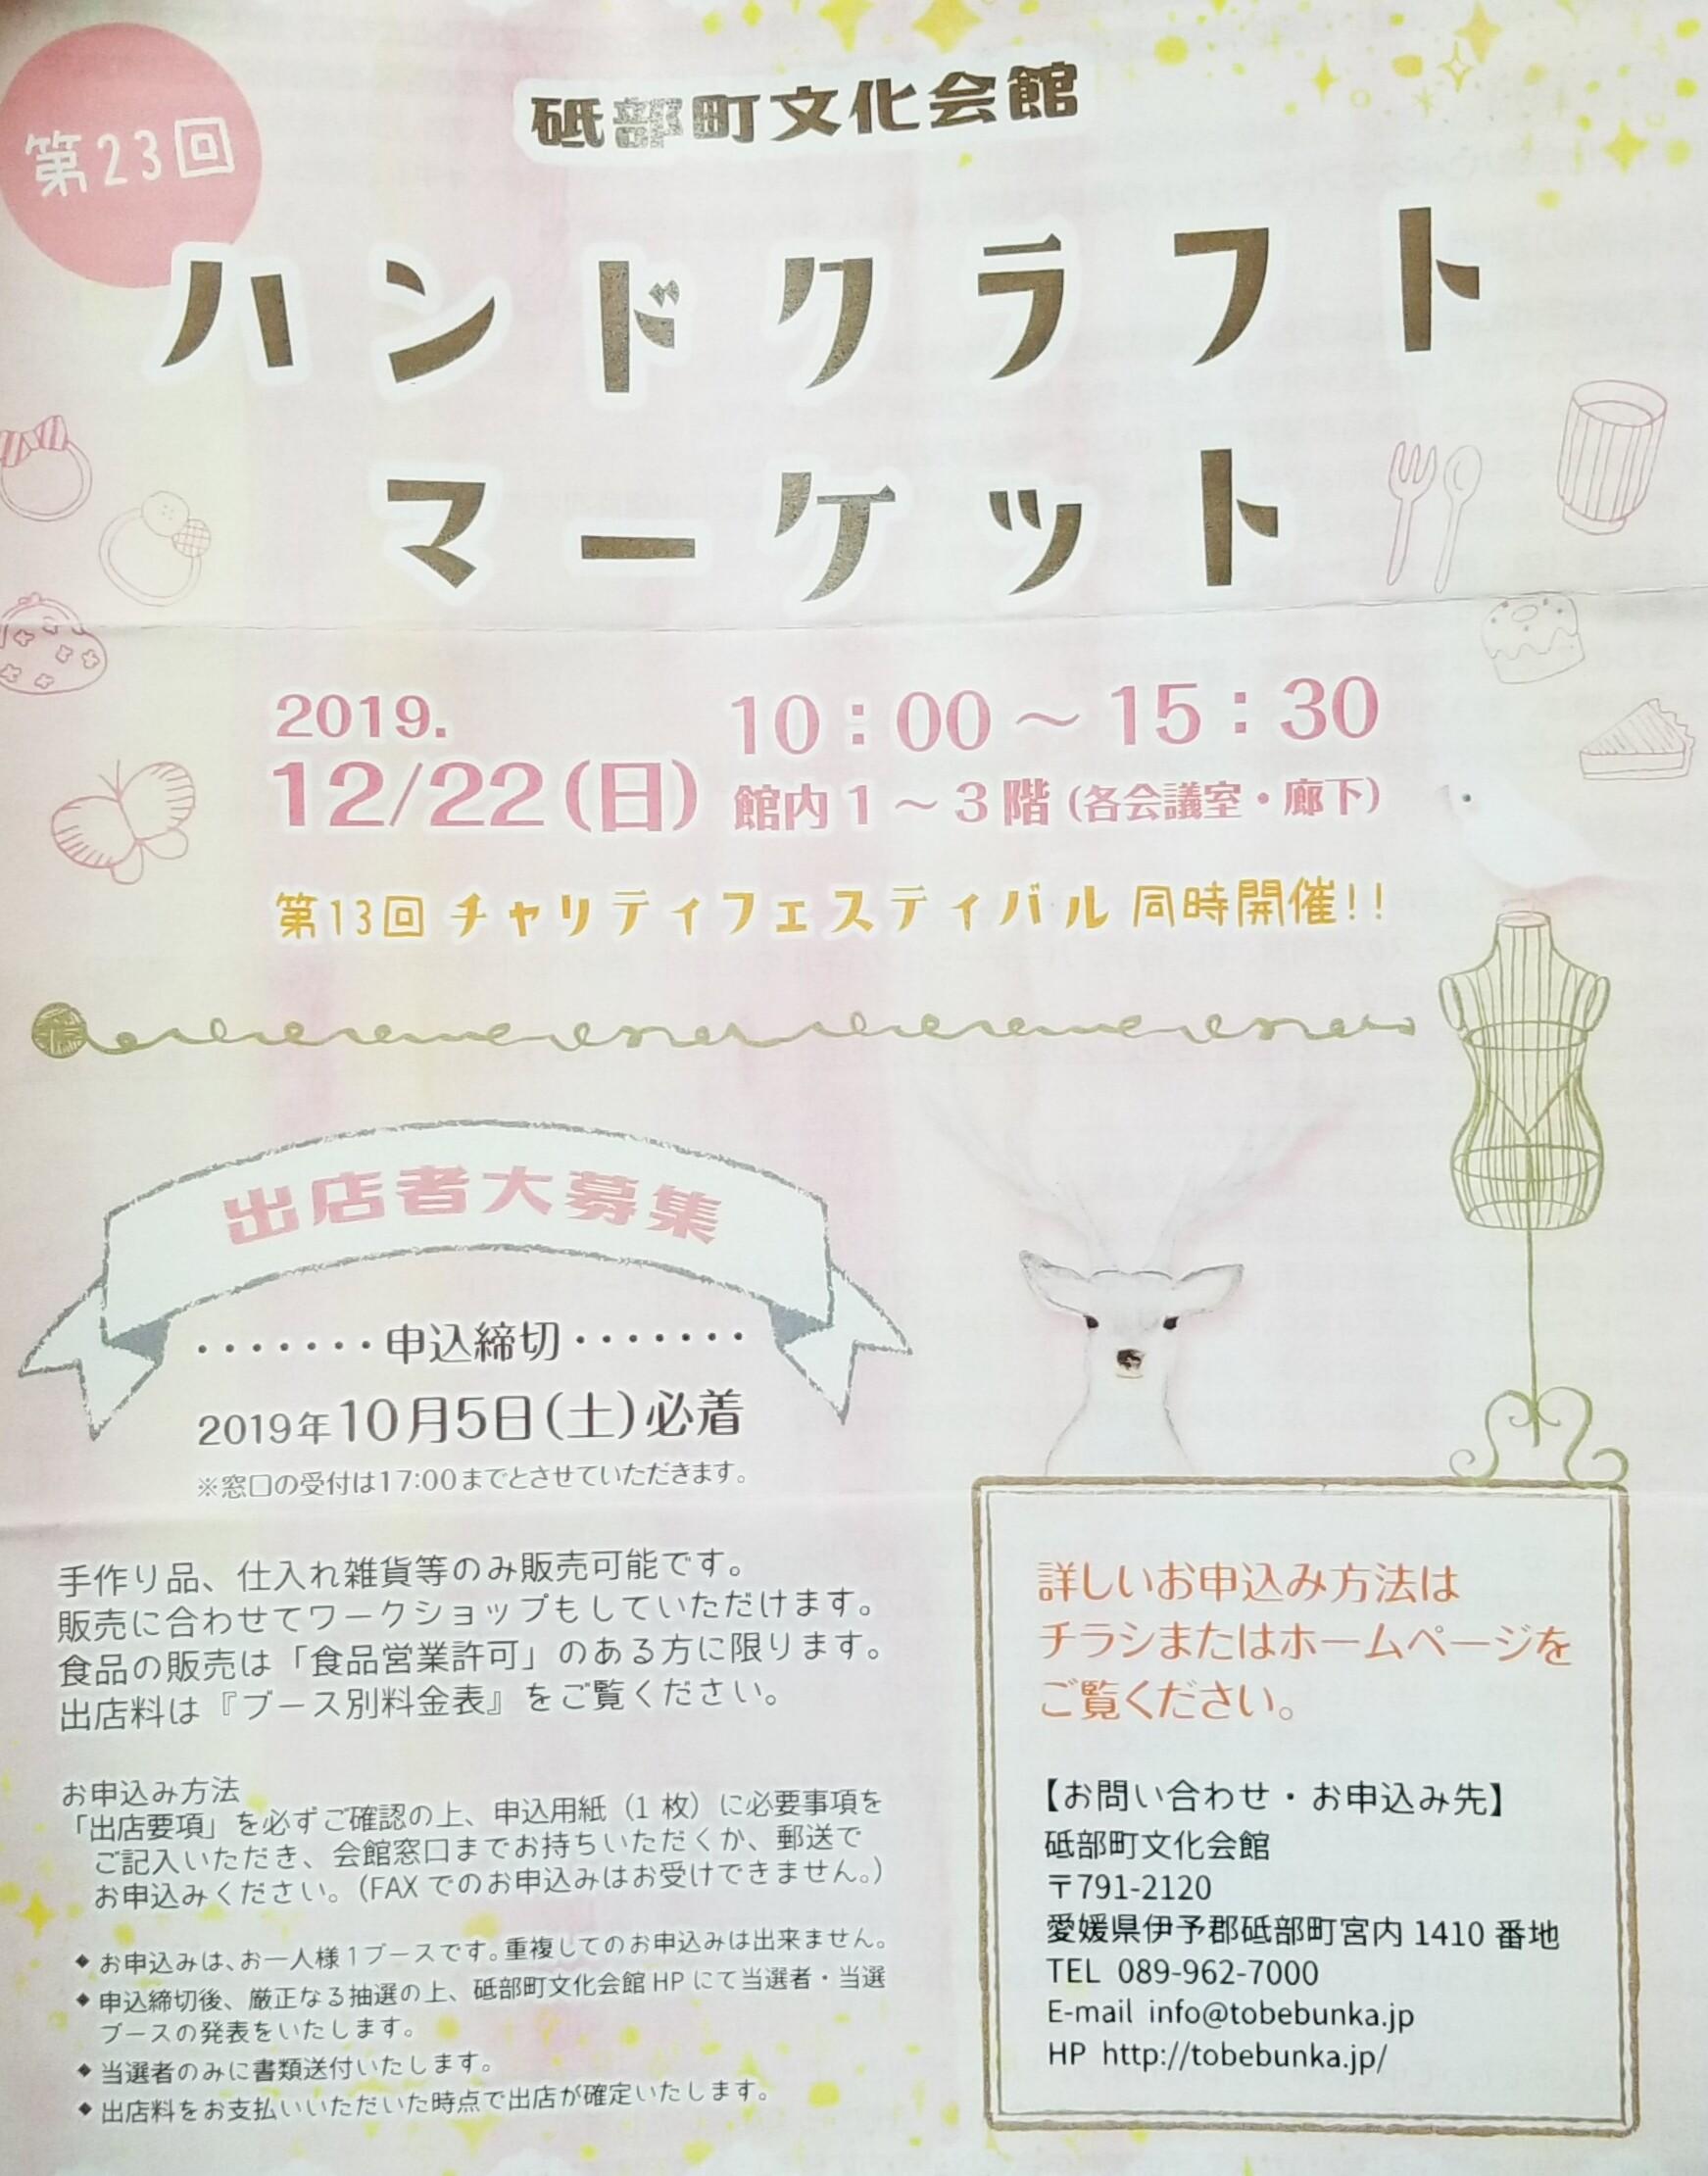 愛媛県松山市伊予郡砥部町文化会館ハンドメイドイベント人気楽しい